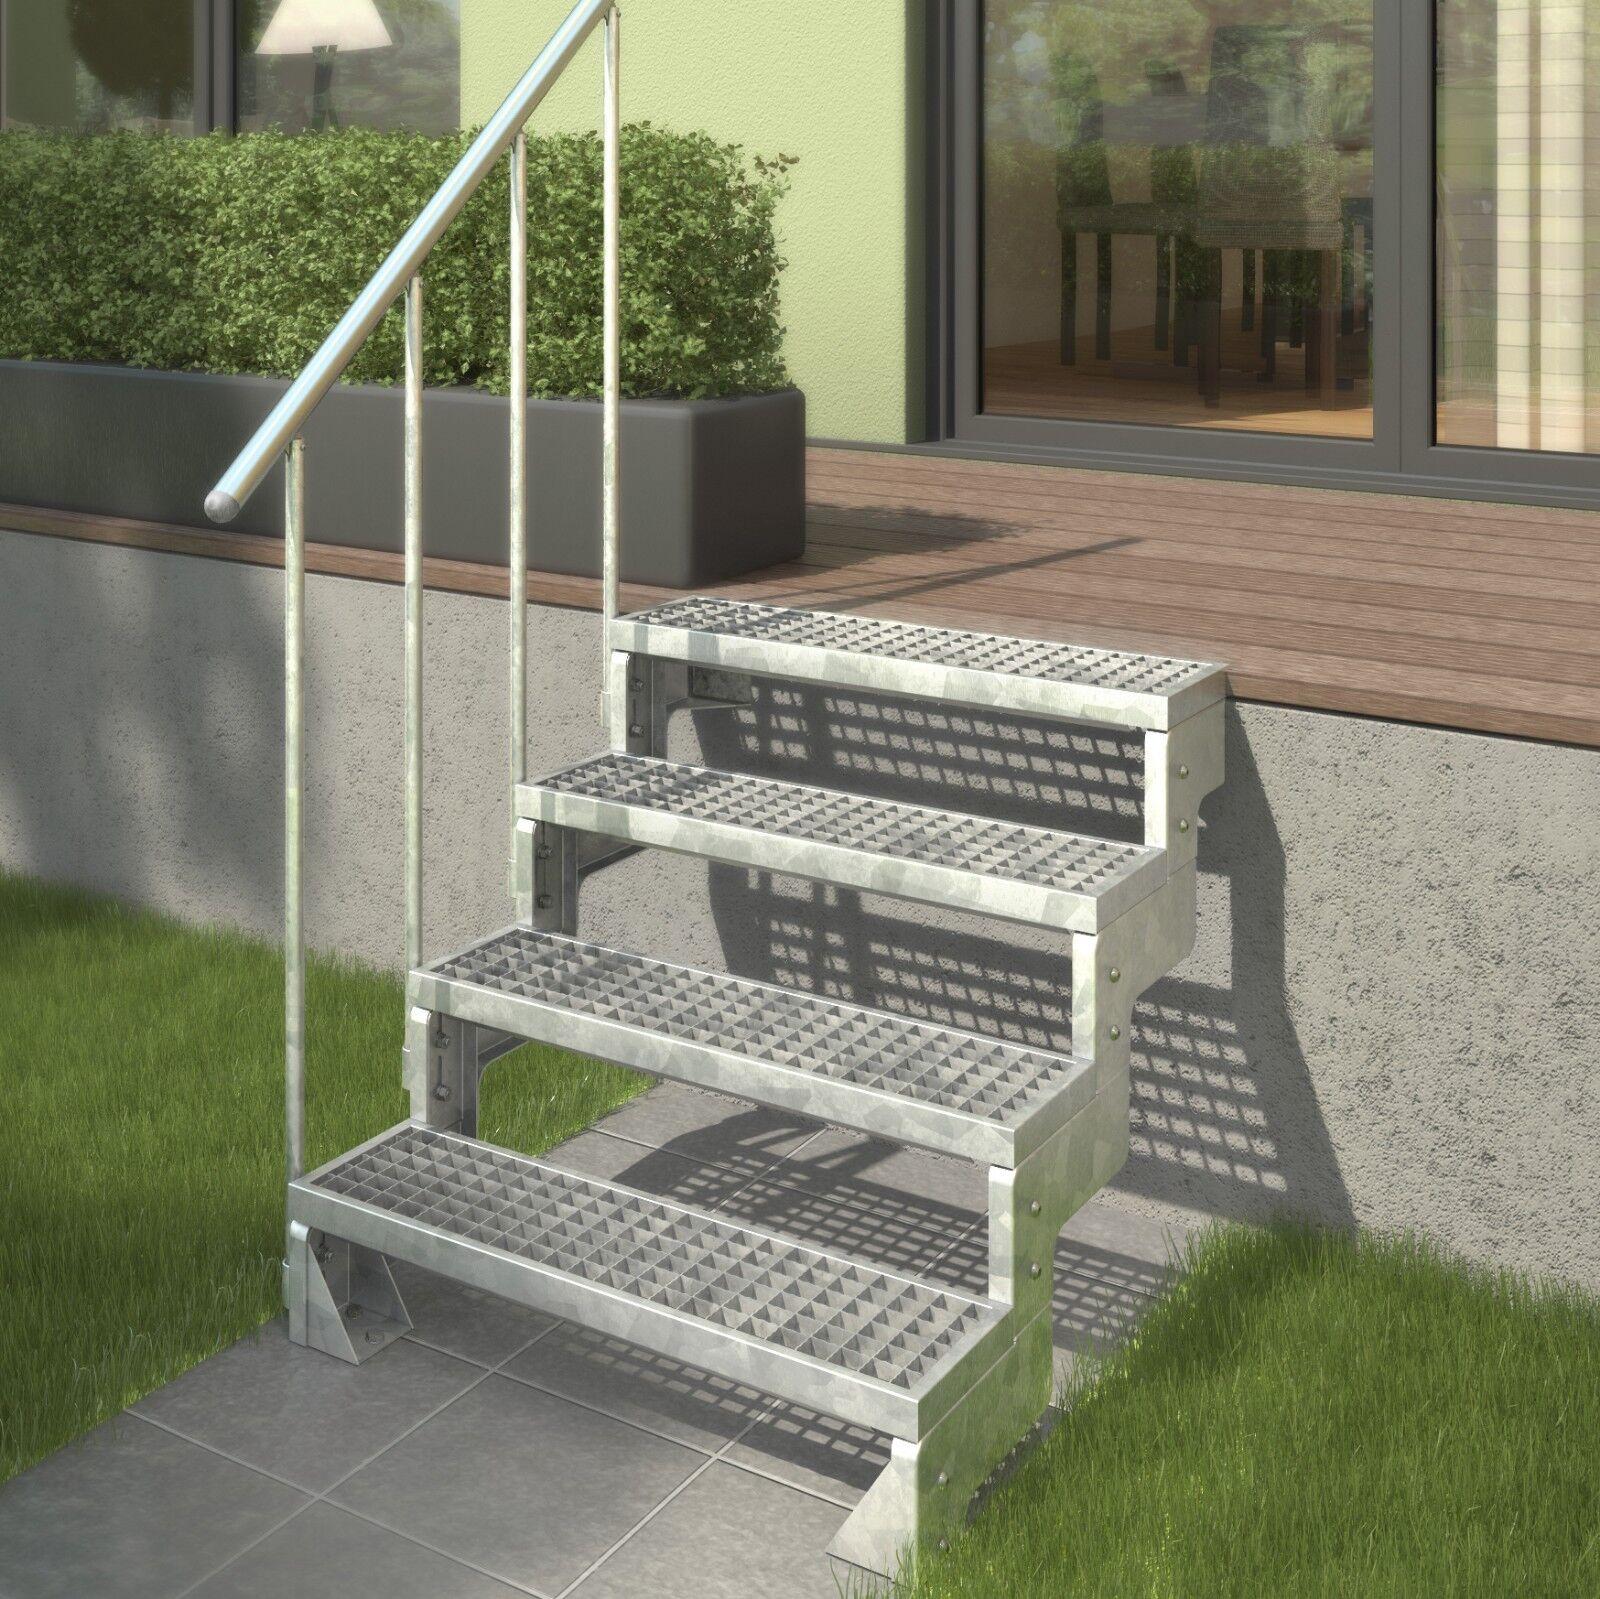 DOLLE Außentreppe Gardentop | Gitterroststufe | 2 - 14 Stufen | Gartentreppe |